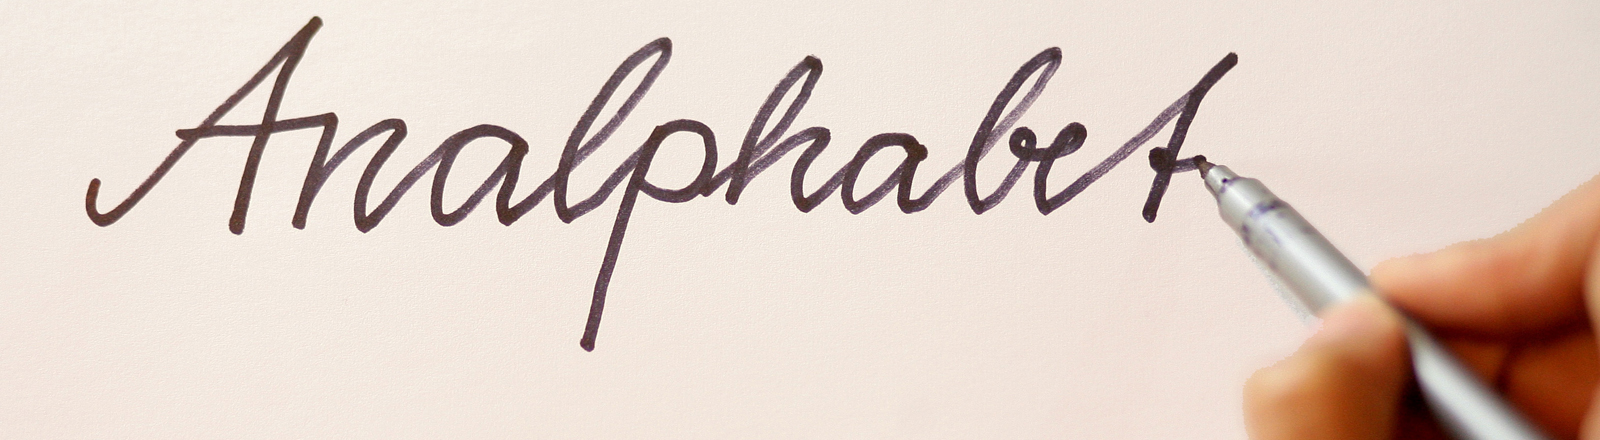 """Eine Hand, die einen Stift hält, mit dem sie das Wort """"Analphabet"""" schreibt."""